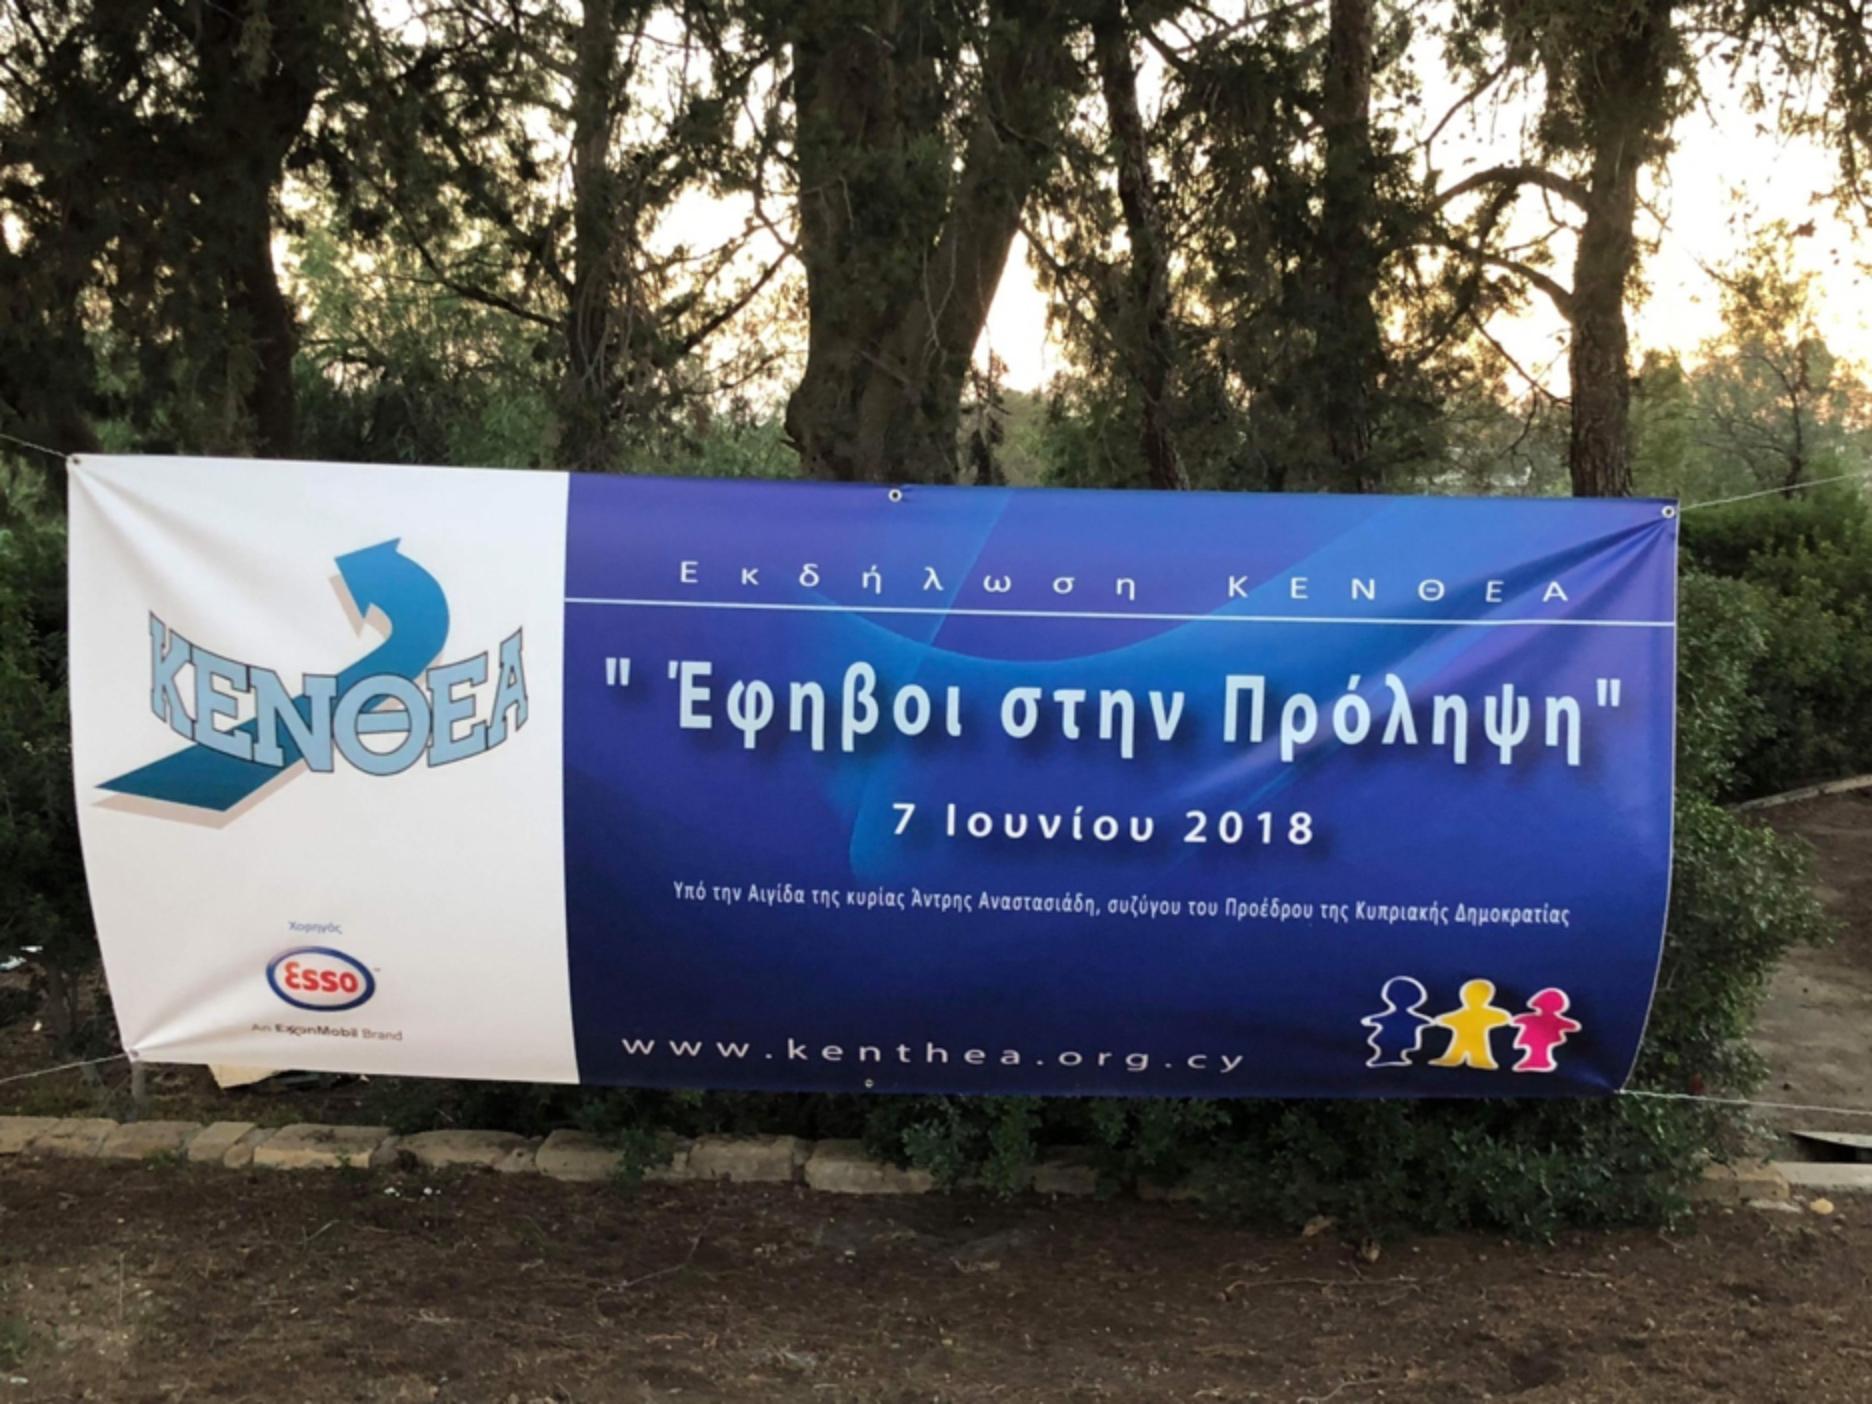 Το πανό της εκδήλωσης